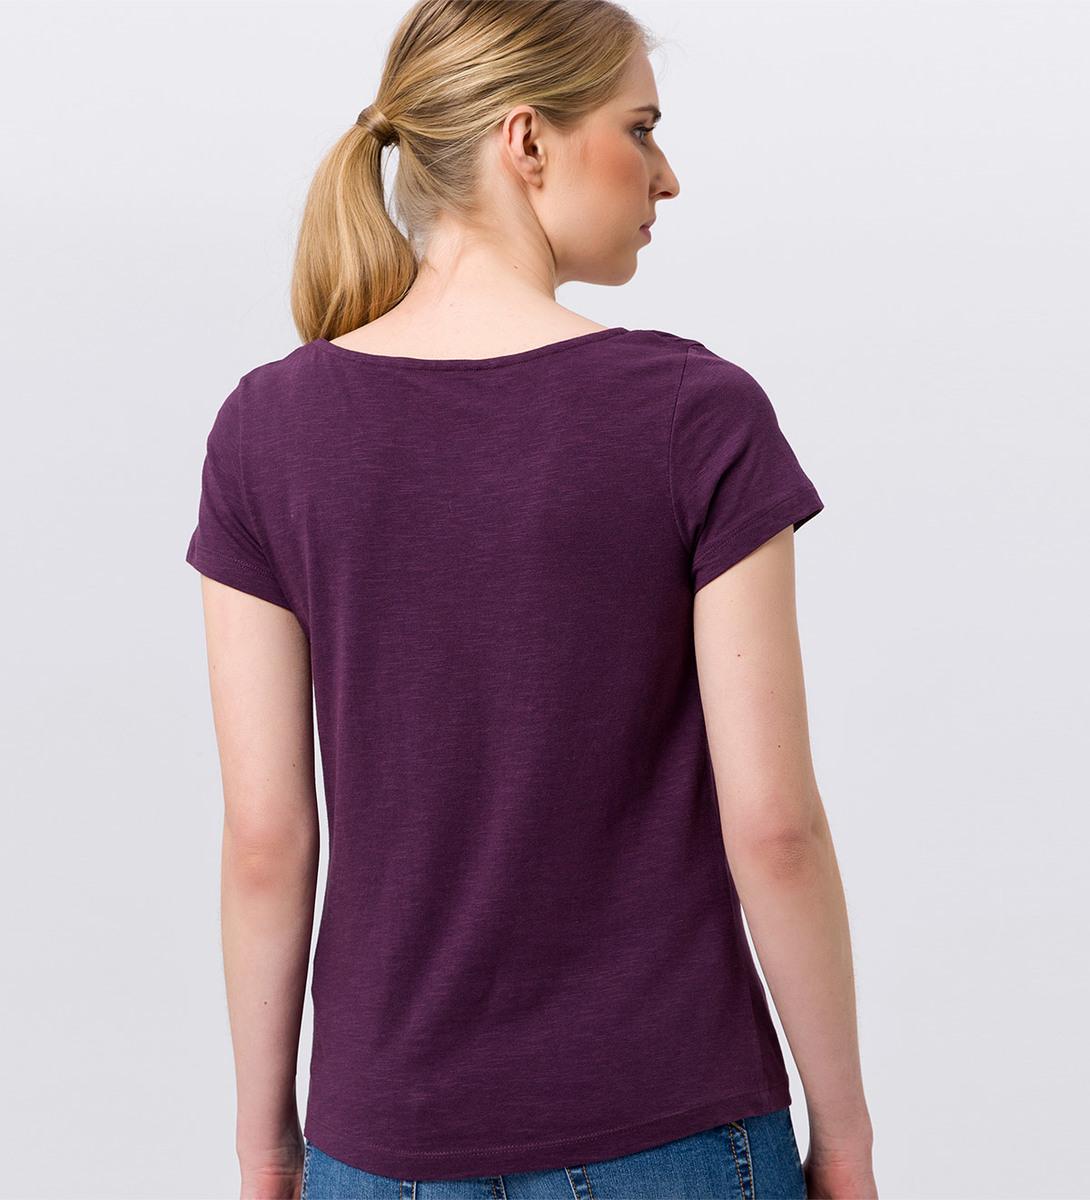 T-Shirt mit Frontprint in plum